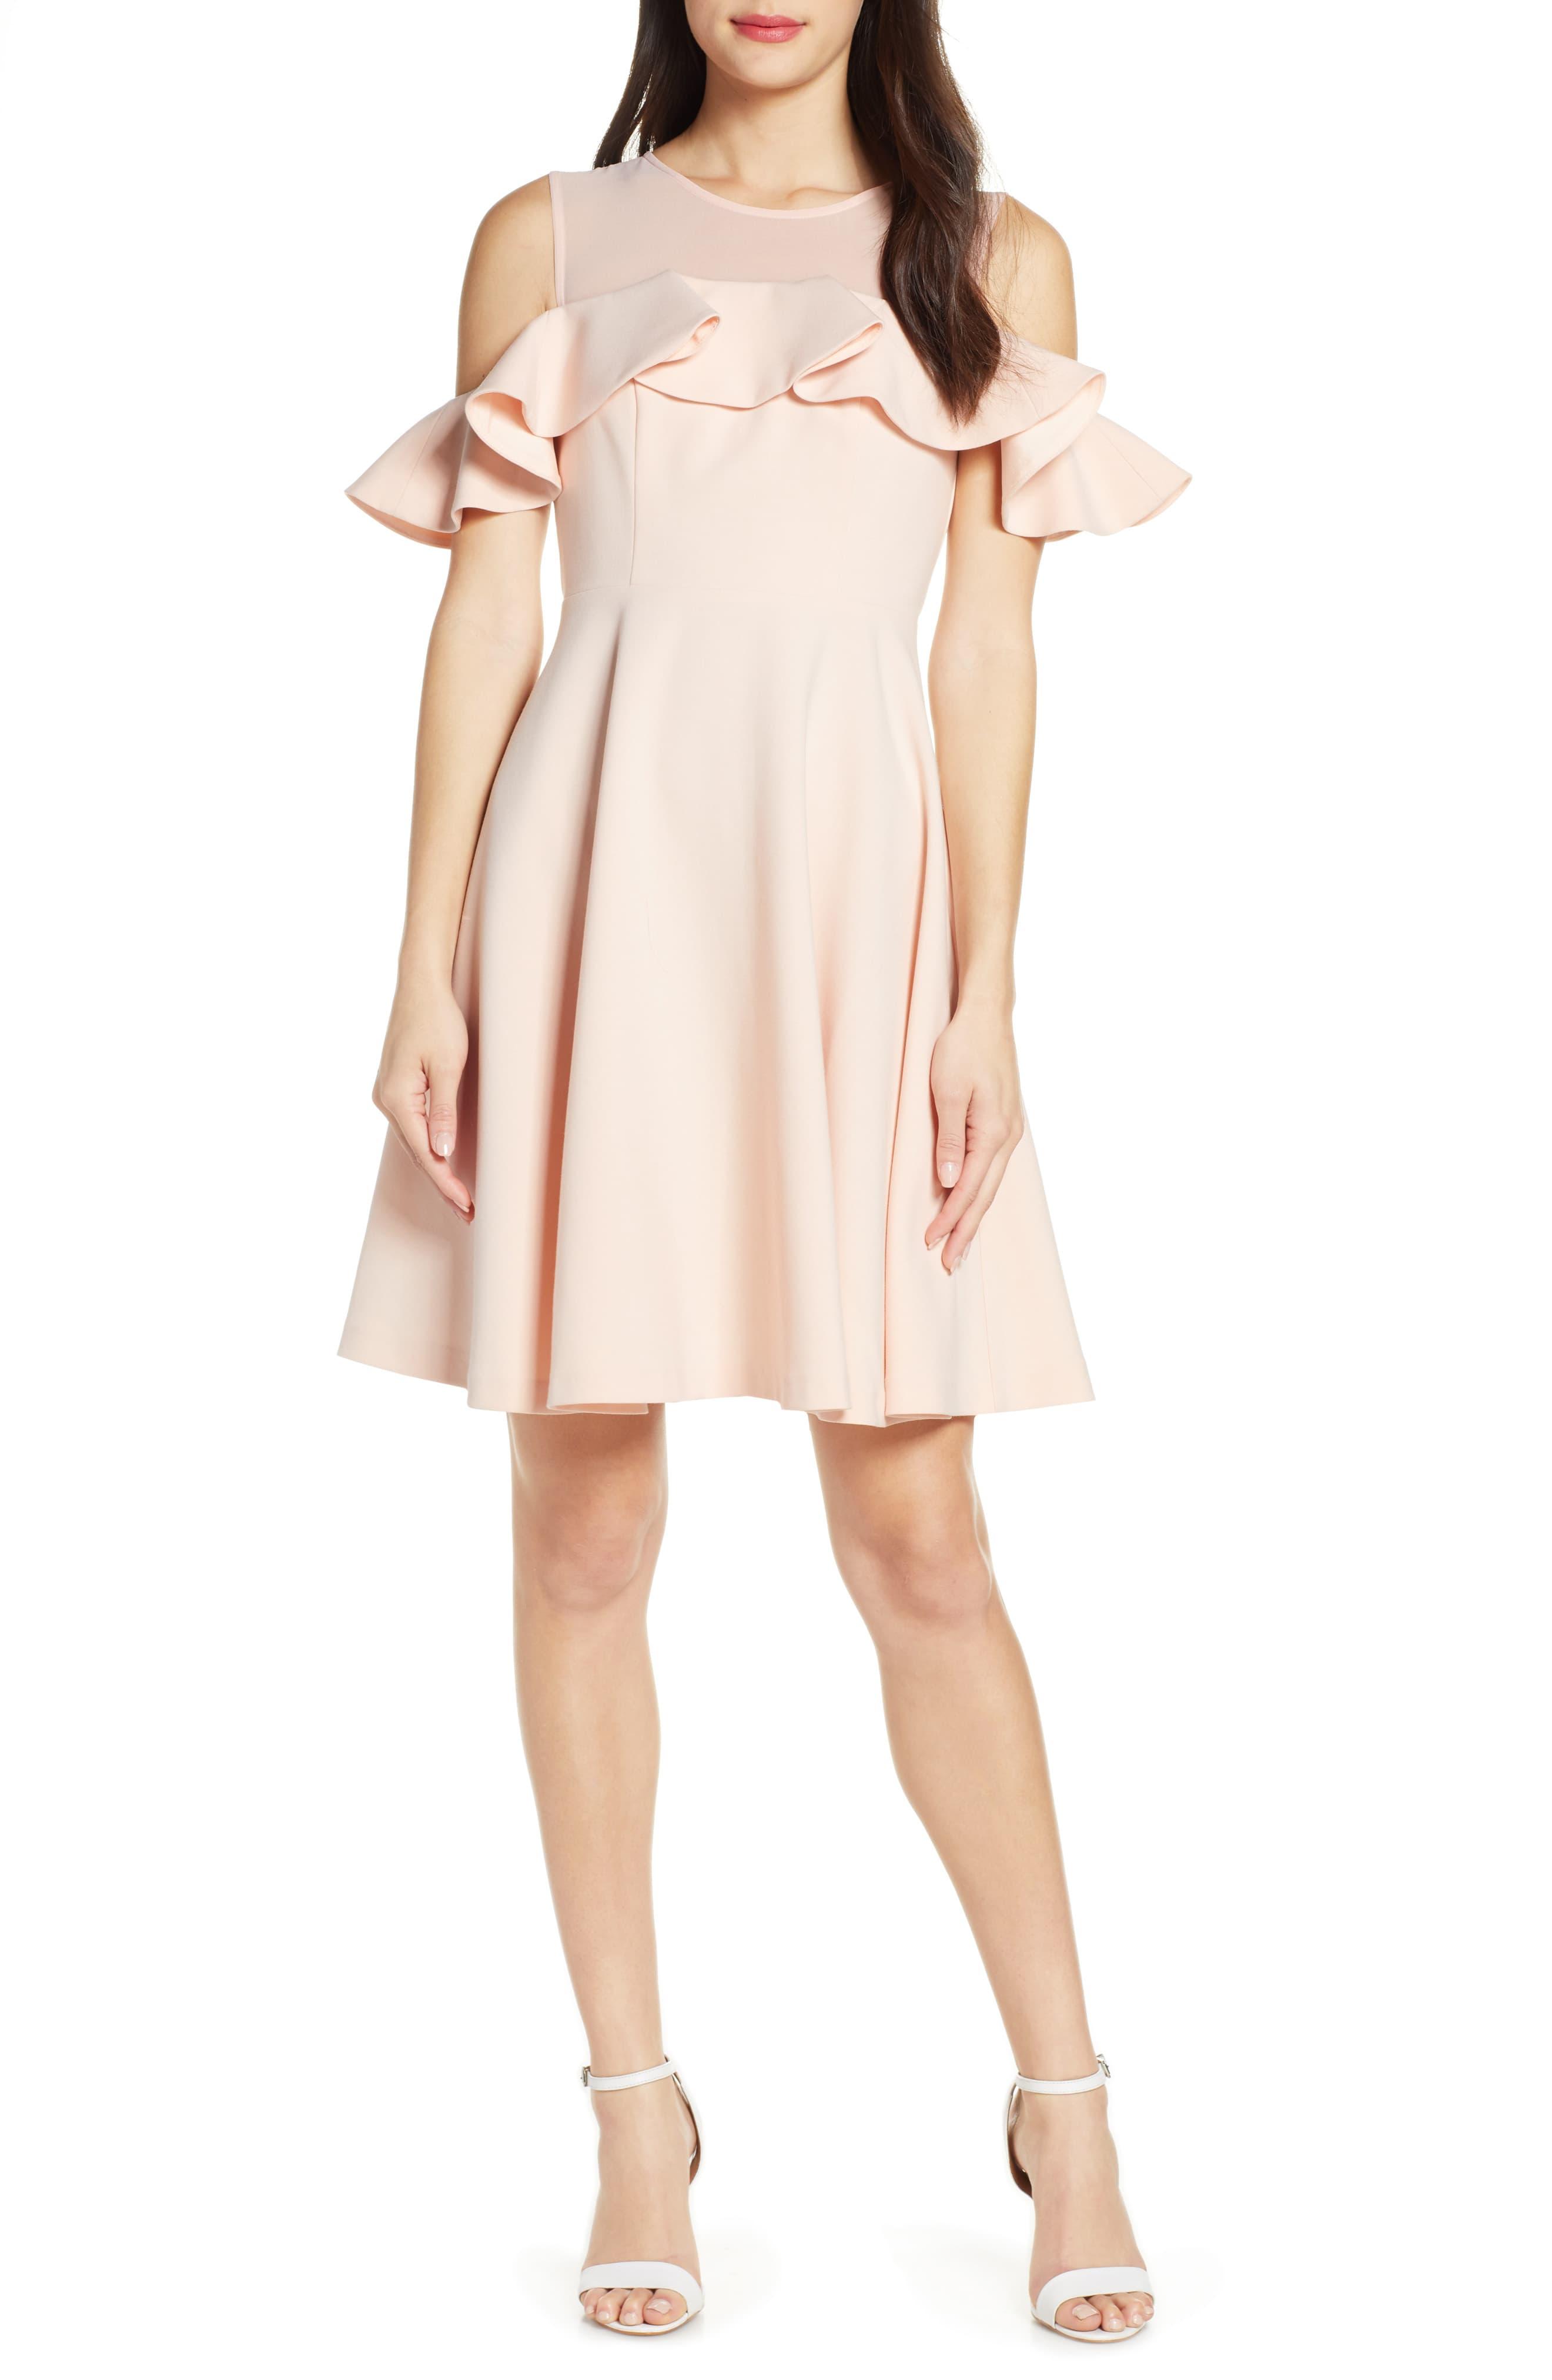 NWT Women Frenchi Top Blouse All Sizes White Retail Nordstrom